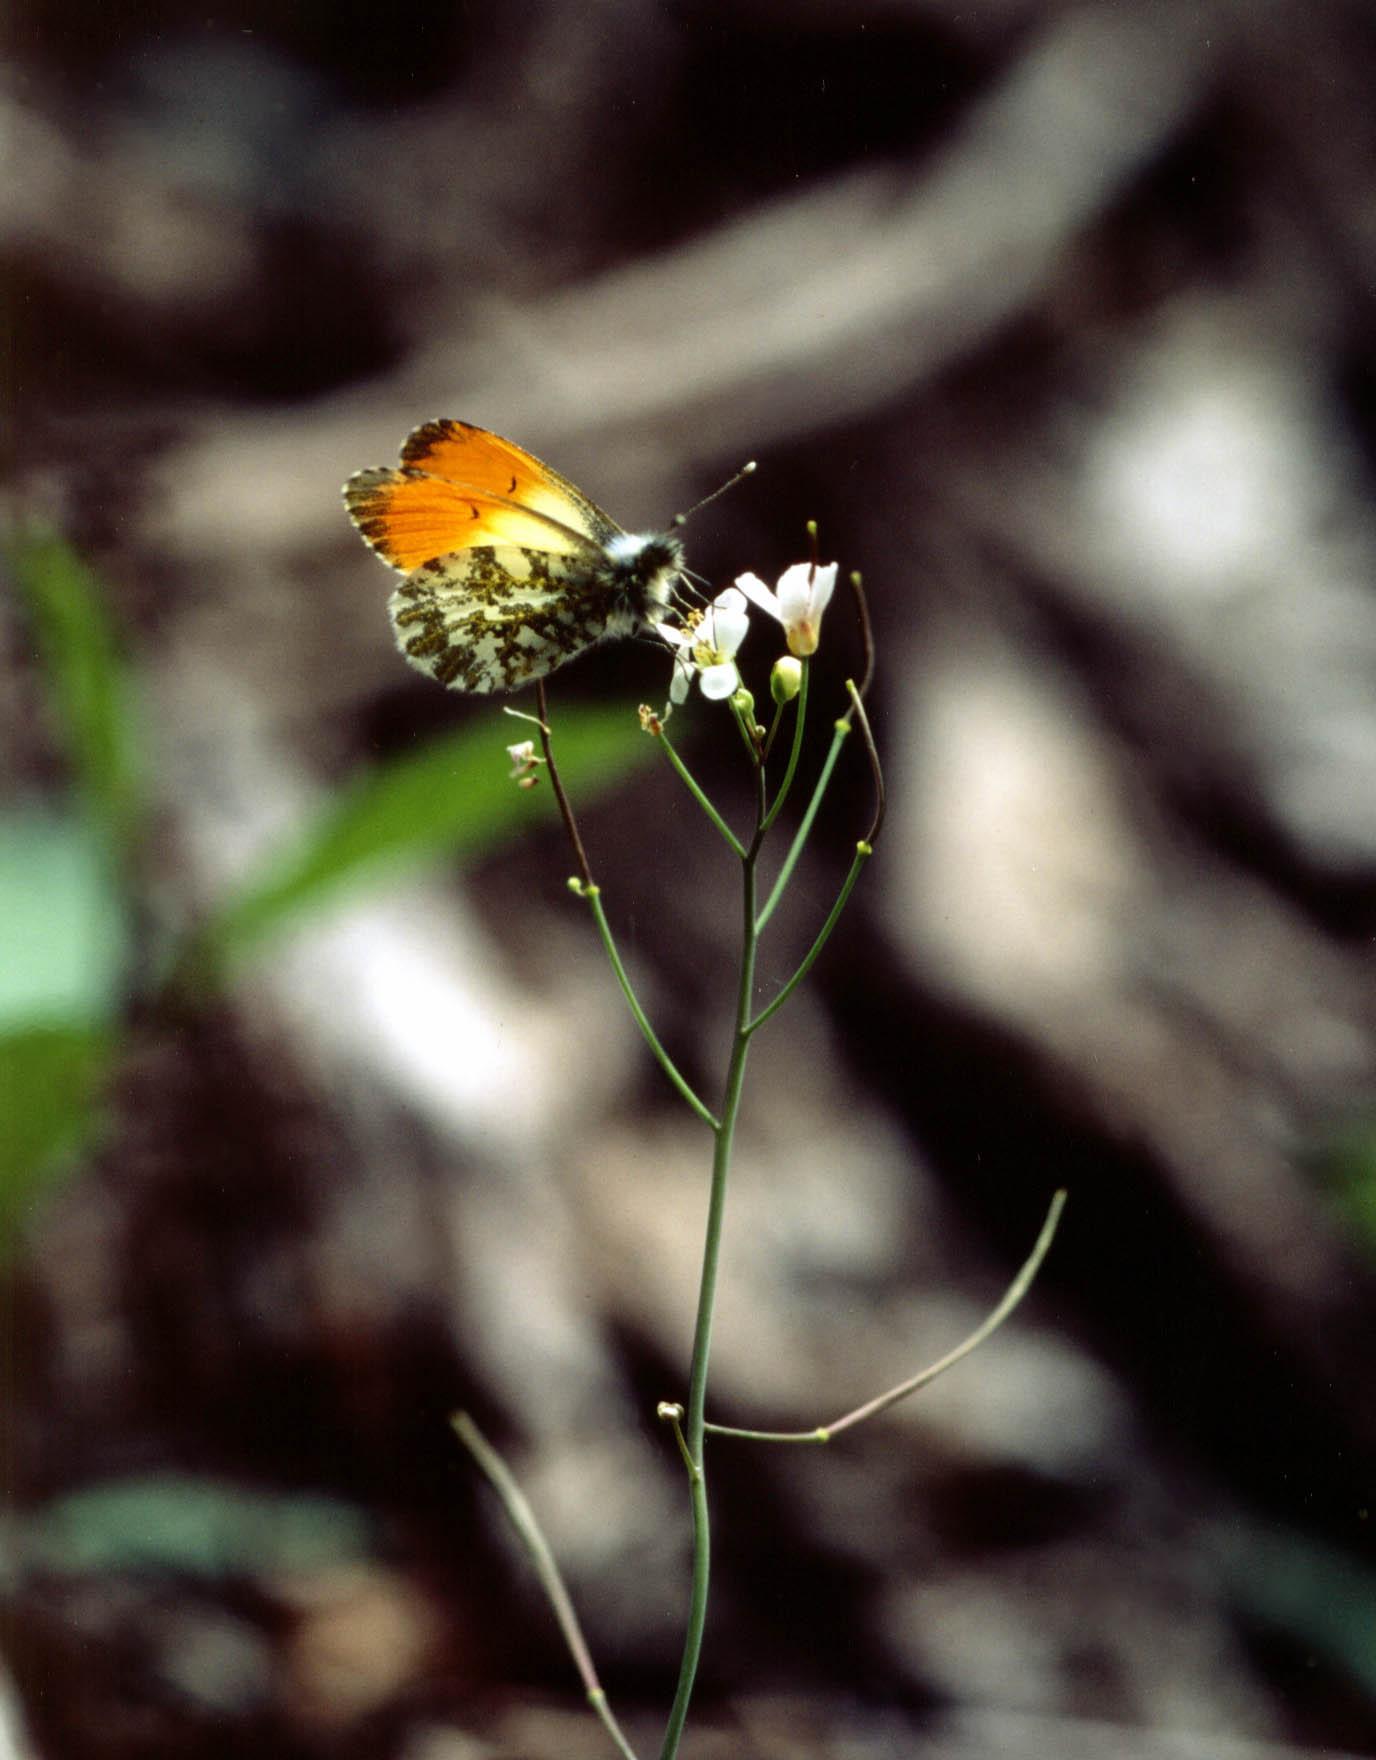 ハタザオで吸蜜するクモマツマキチョウ♂(逆光★)